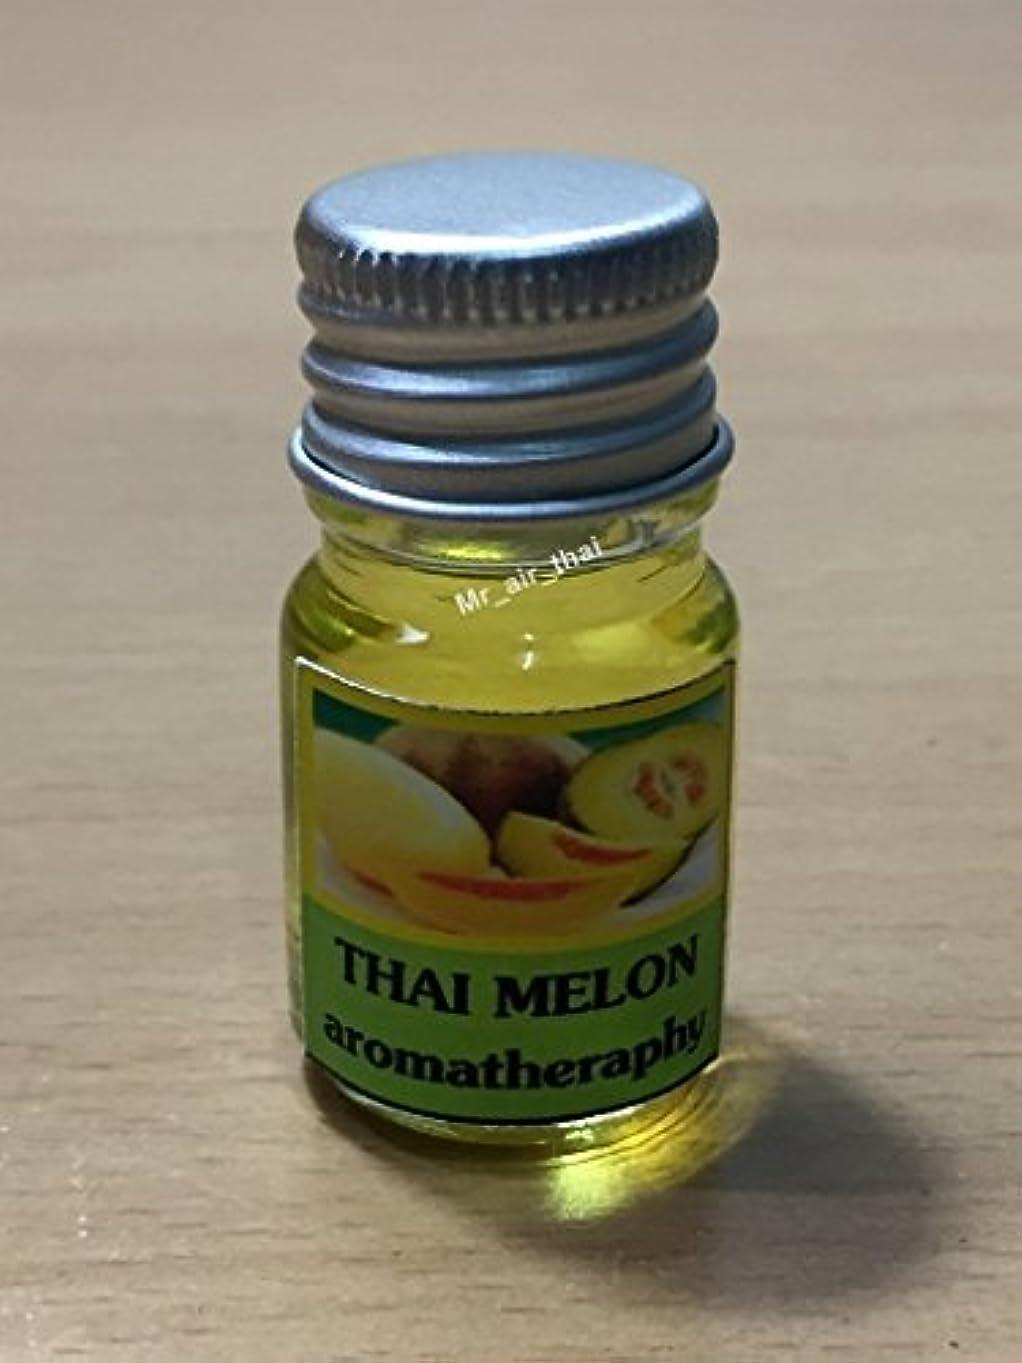 日農民実証する5ミリリットルアロマタイメロンフランクインセンスエッセンシャルオイルボトルアロマテラピーオイル自然自然5ml Aroma Thai Melon Frankincense Essential Oil Bottles Aromatherapy...